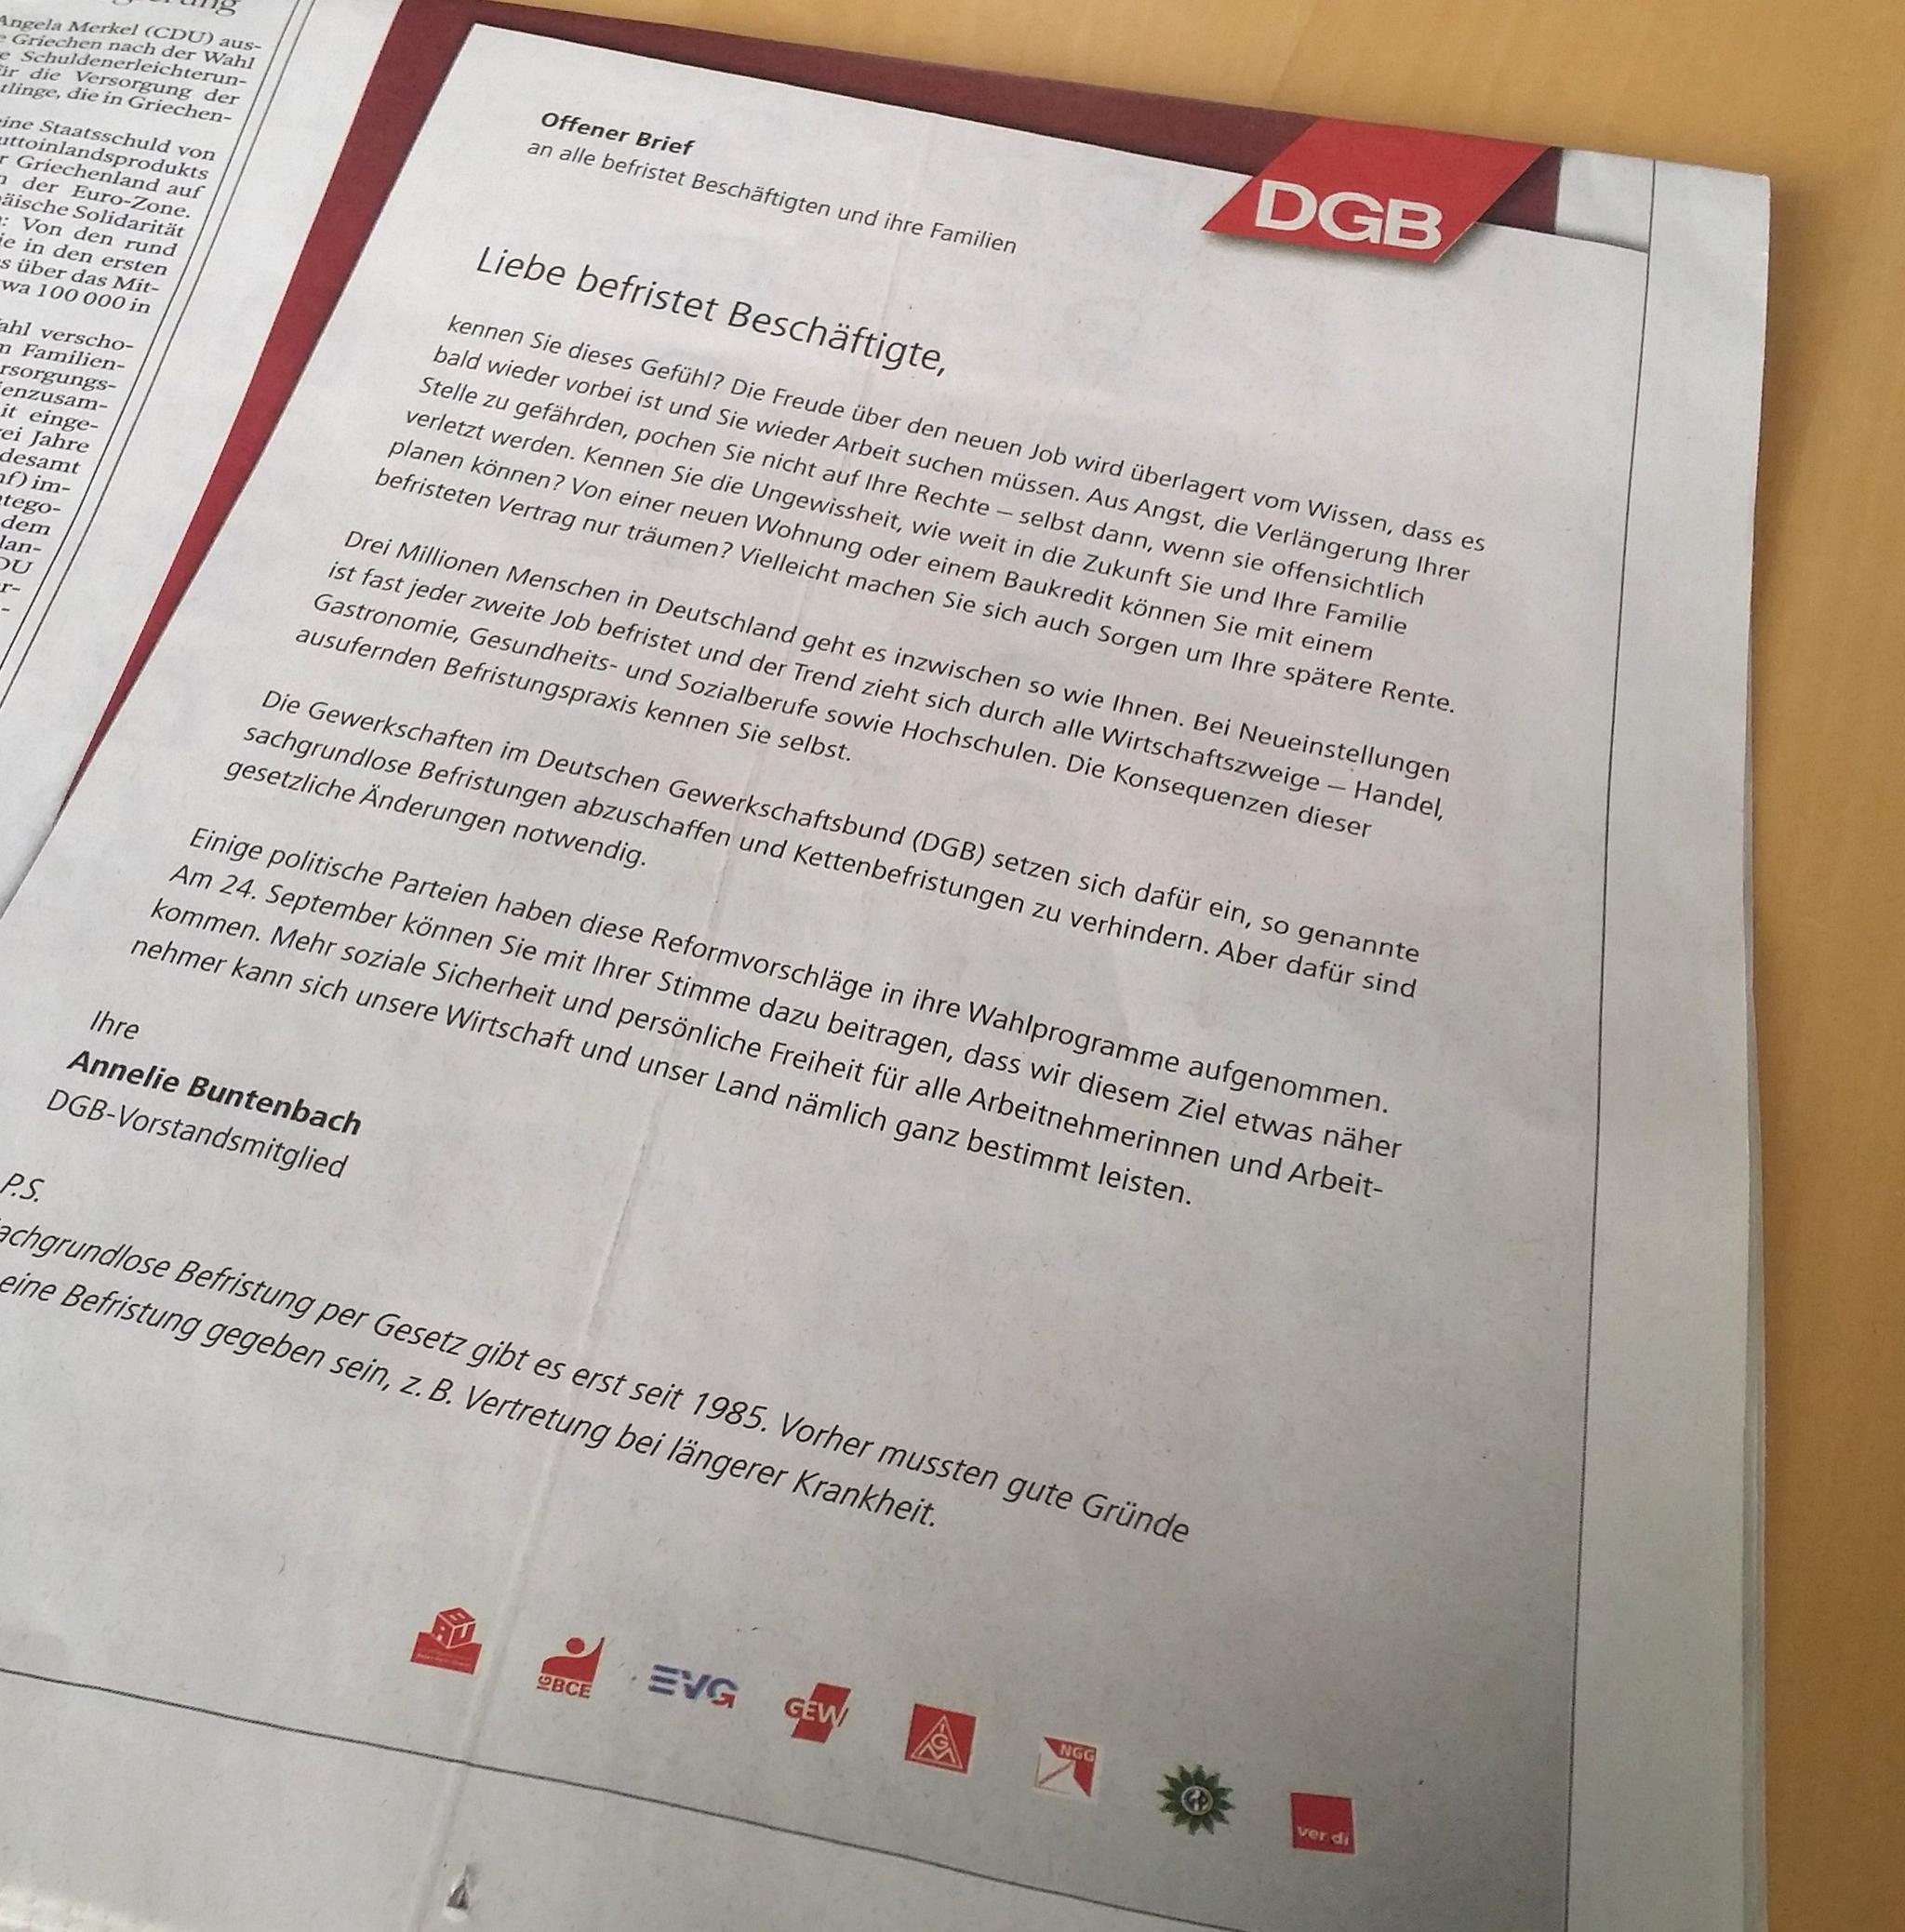 Abdruck des offenen Briefes in einer Tageszeitung